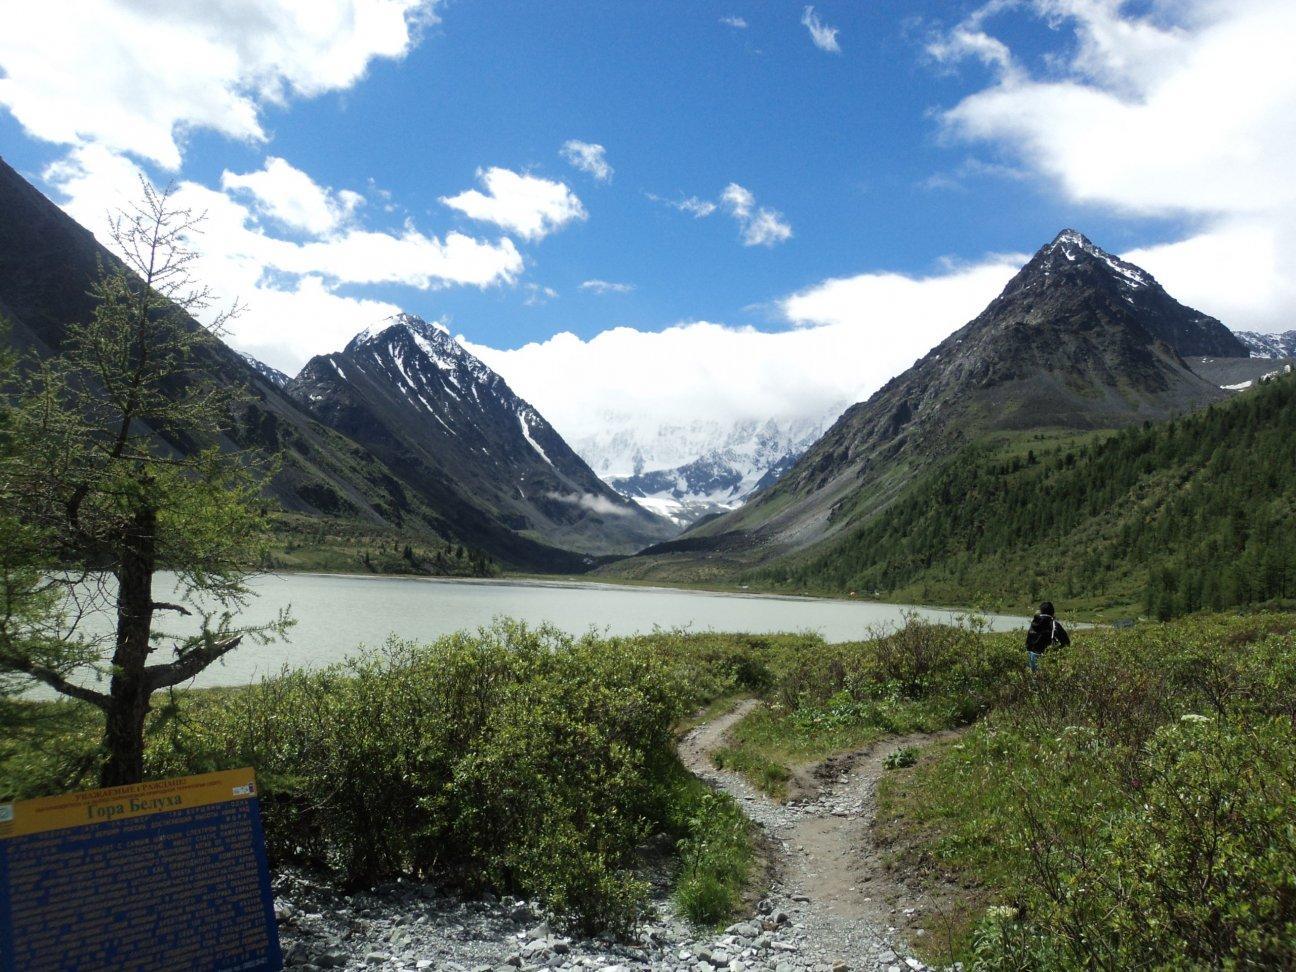 Река и горы по краям